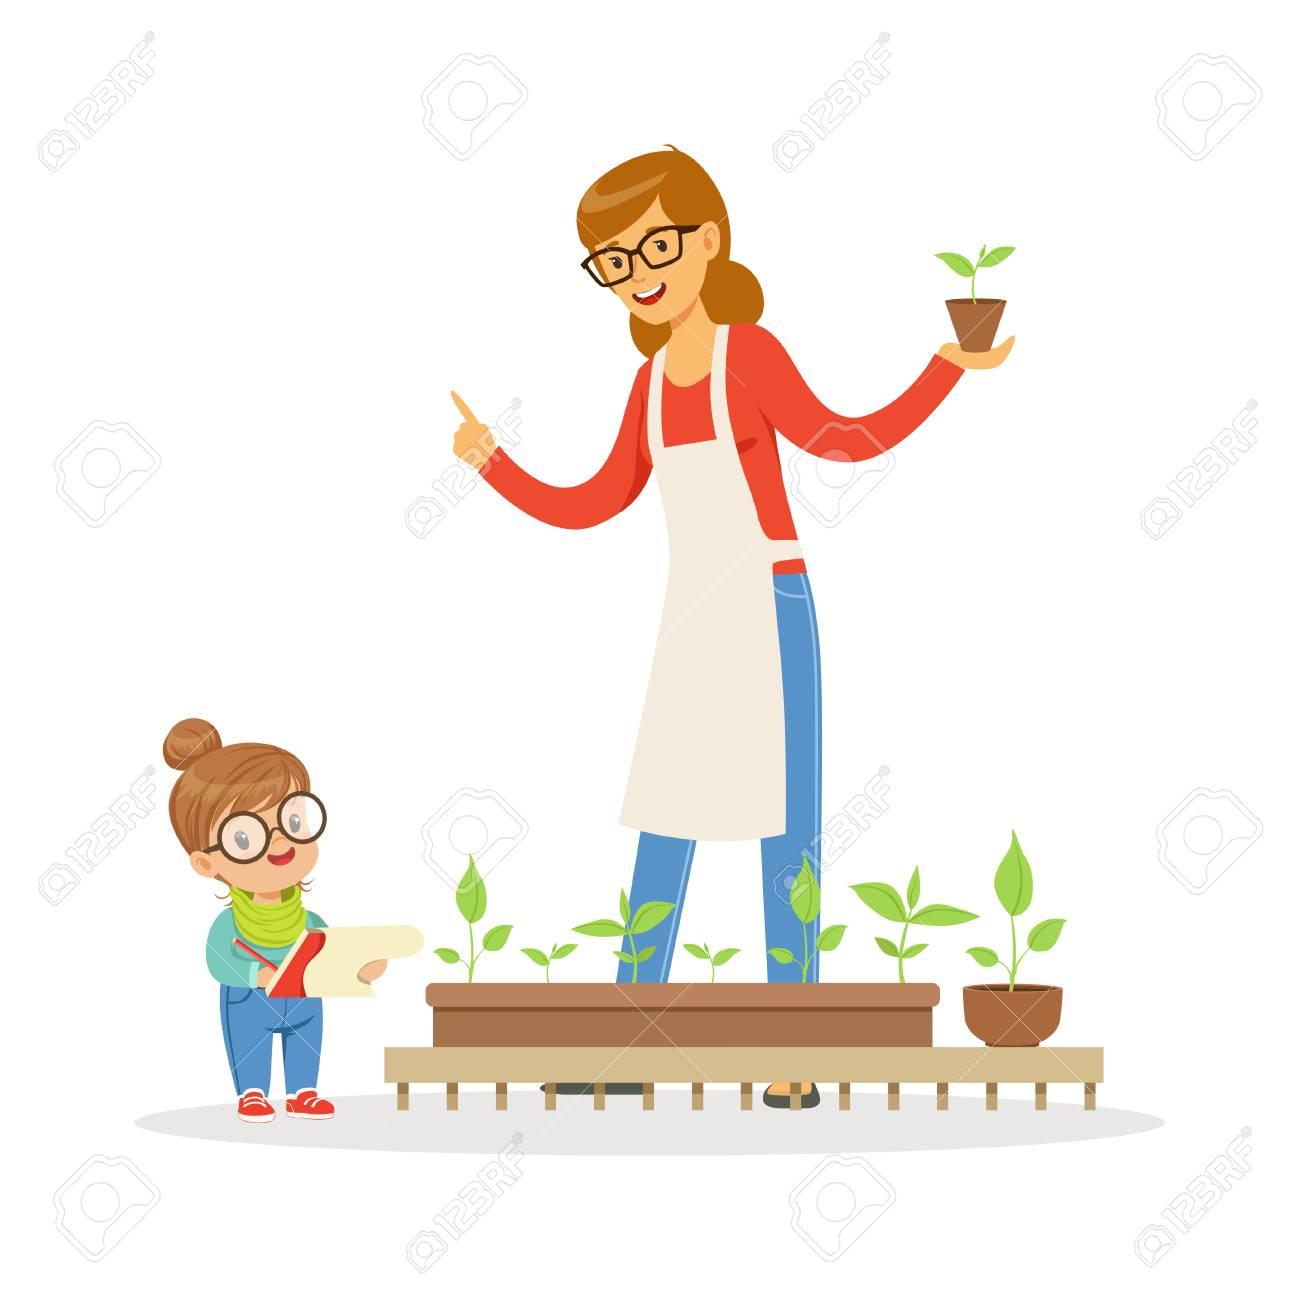 かわいい女の子幼稚園漫画ベクトル イラスト白い背景の上に植物学